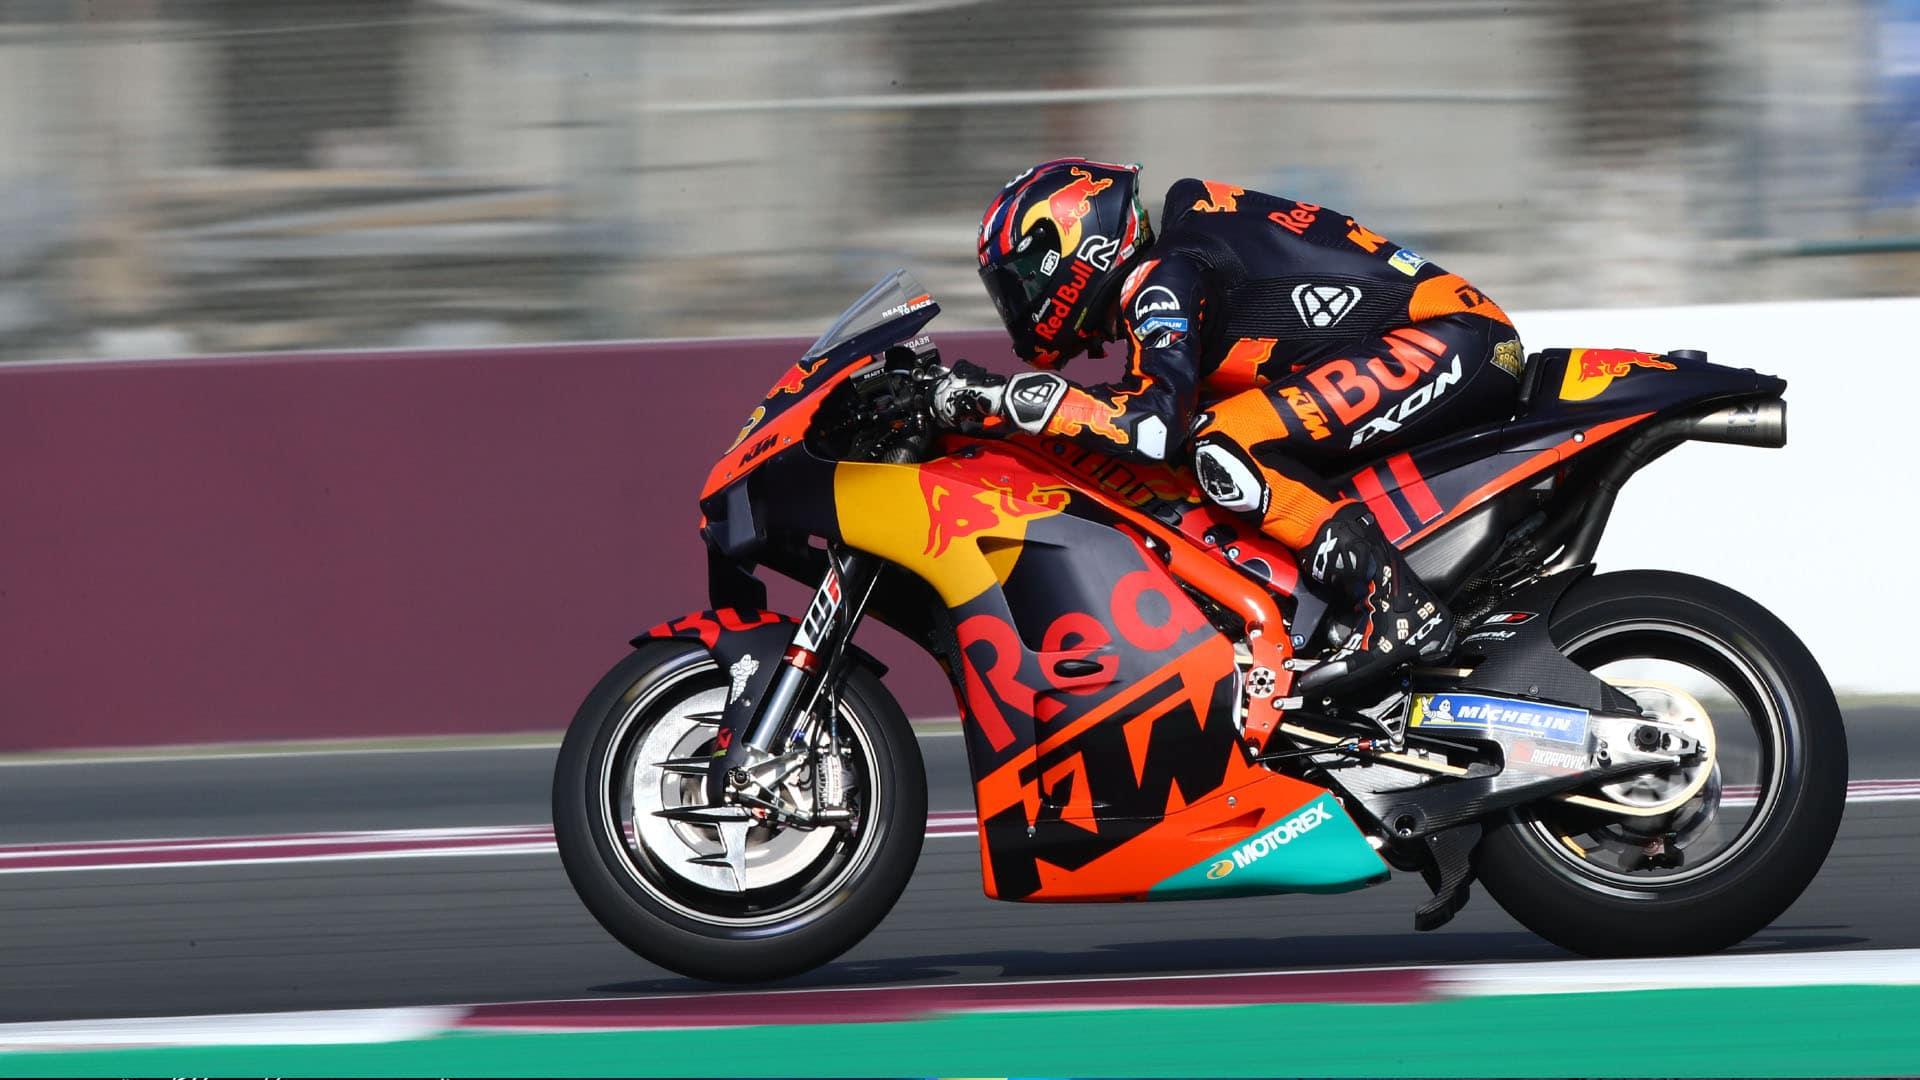 Brad Binder beim MotoGP Test in Katar am 7. März